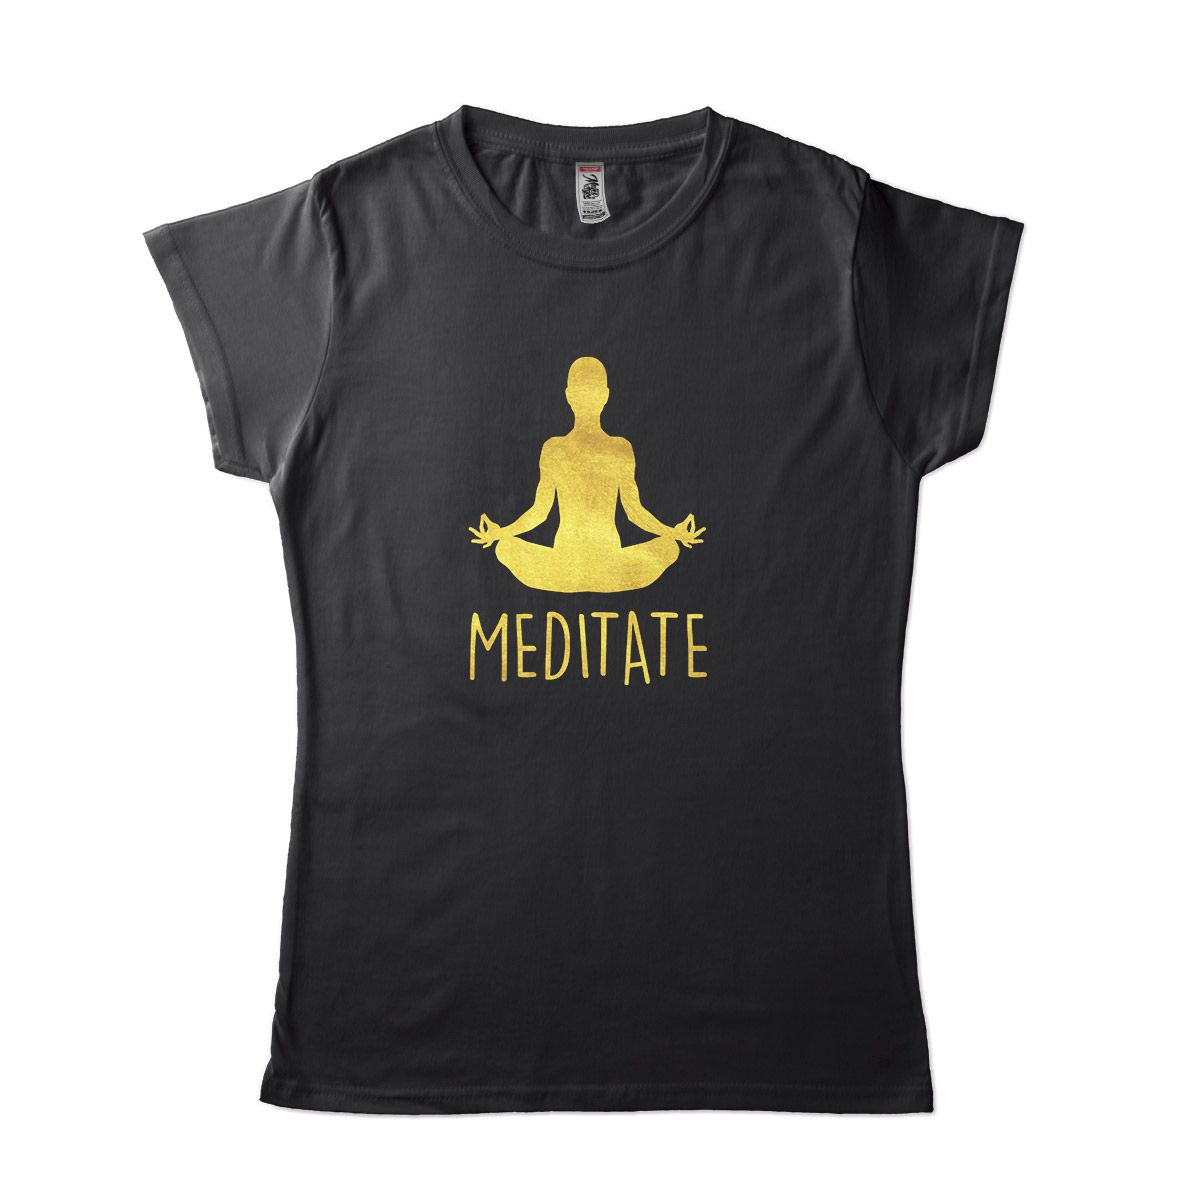 Camiseta Yoga Meditação Feminina Preta Dourada